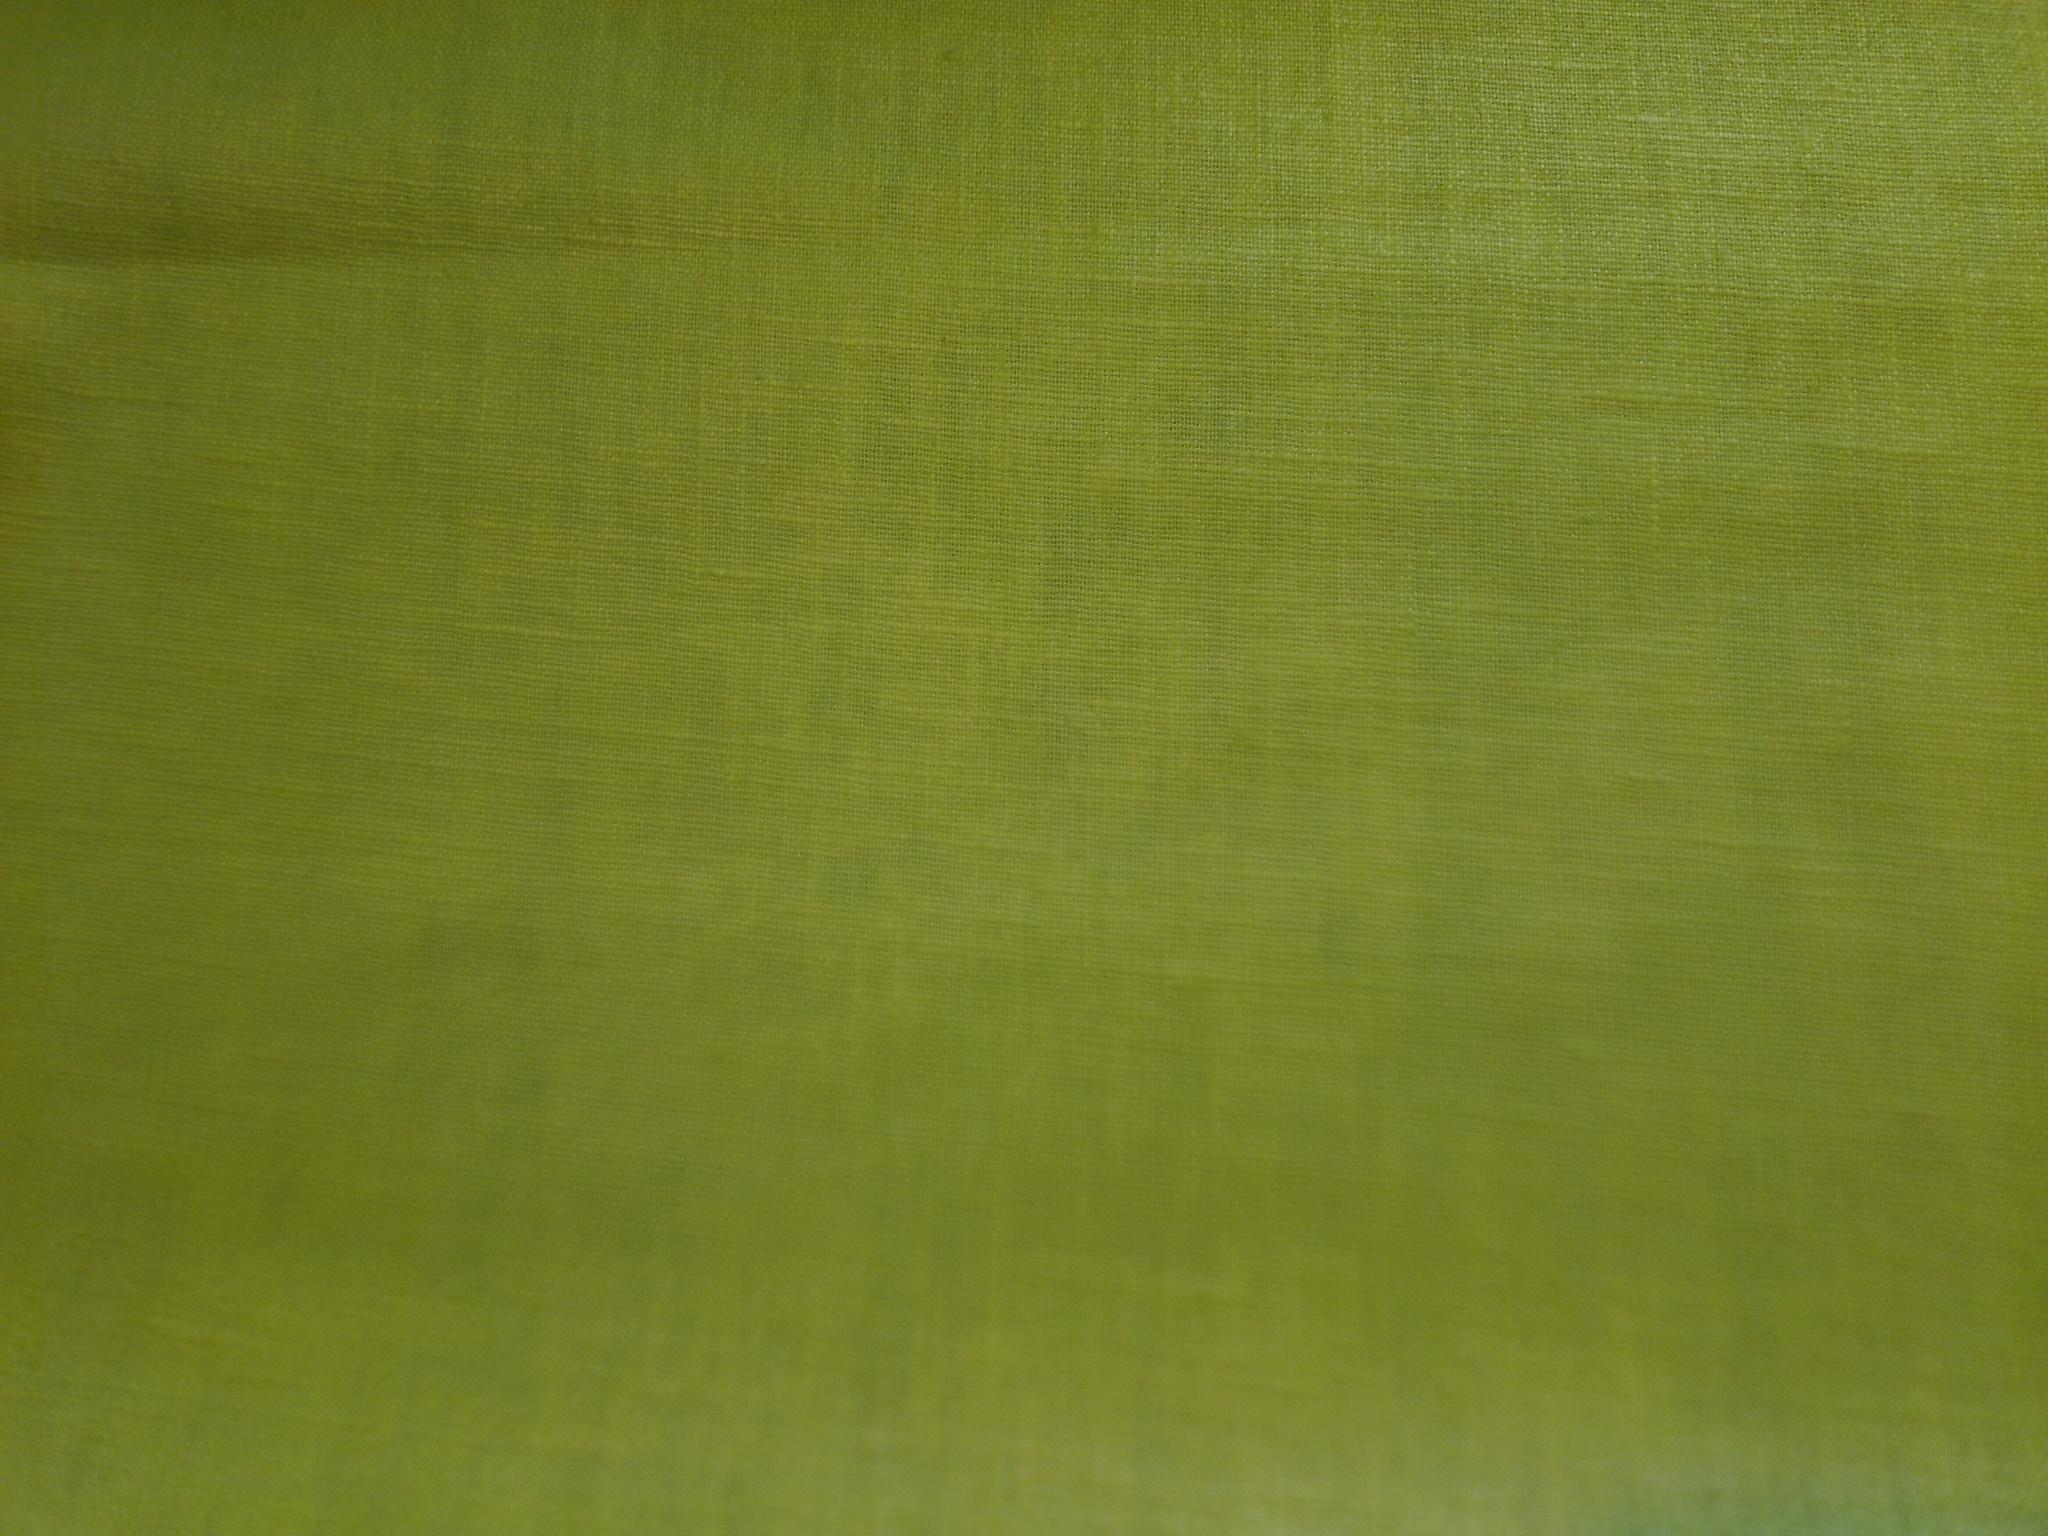 Le grenier du lin anijsgroen gecoat linnen